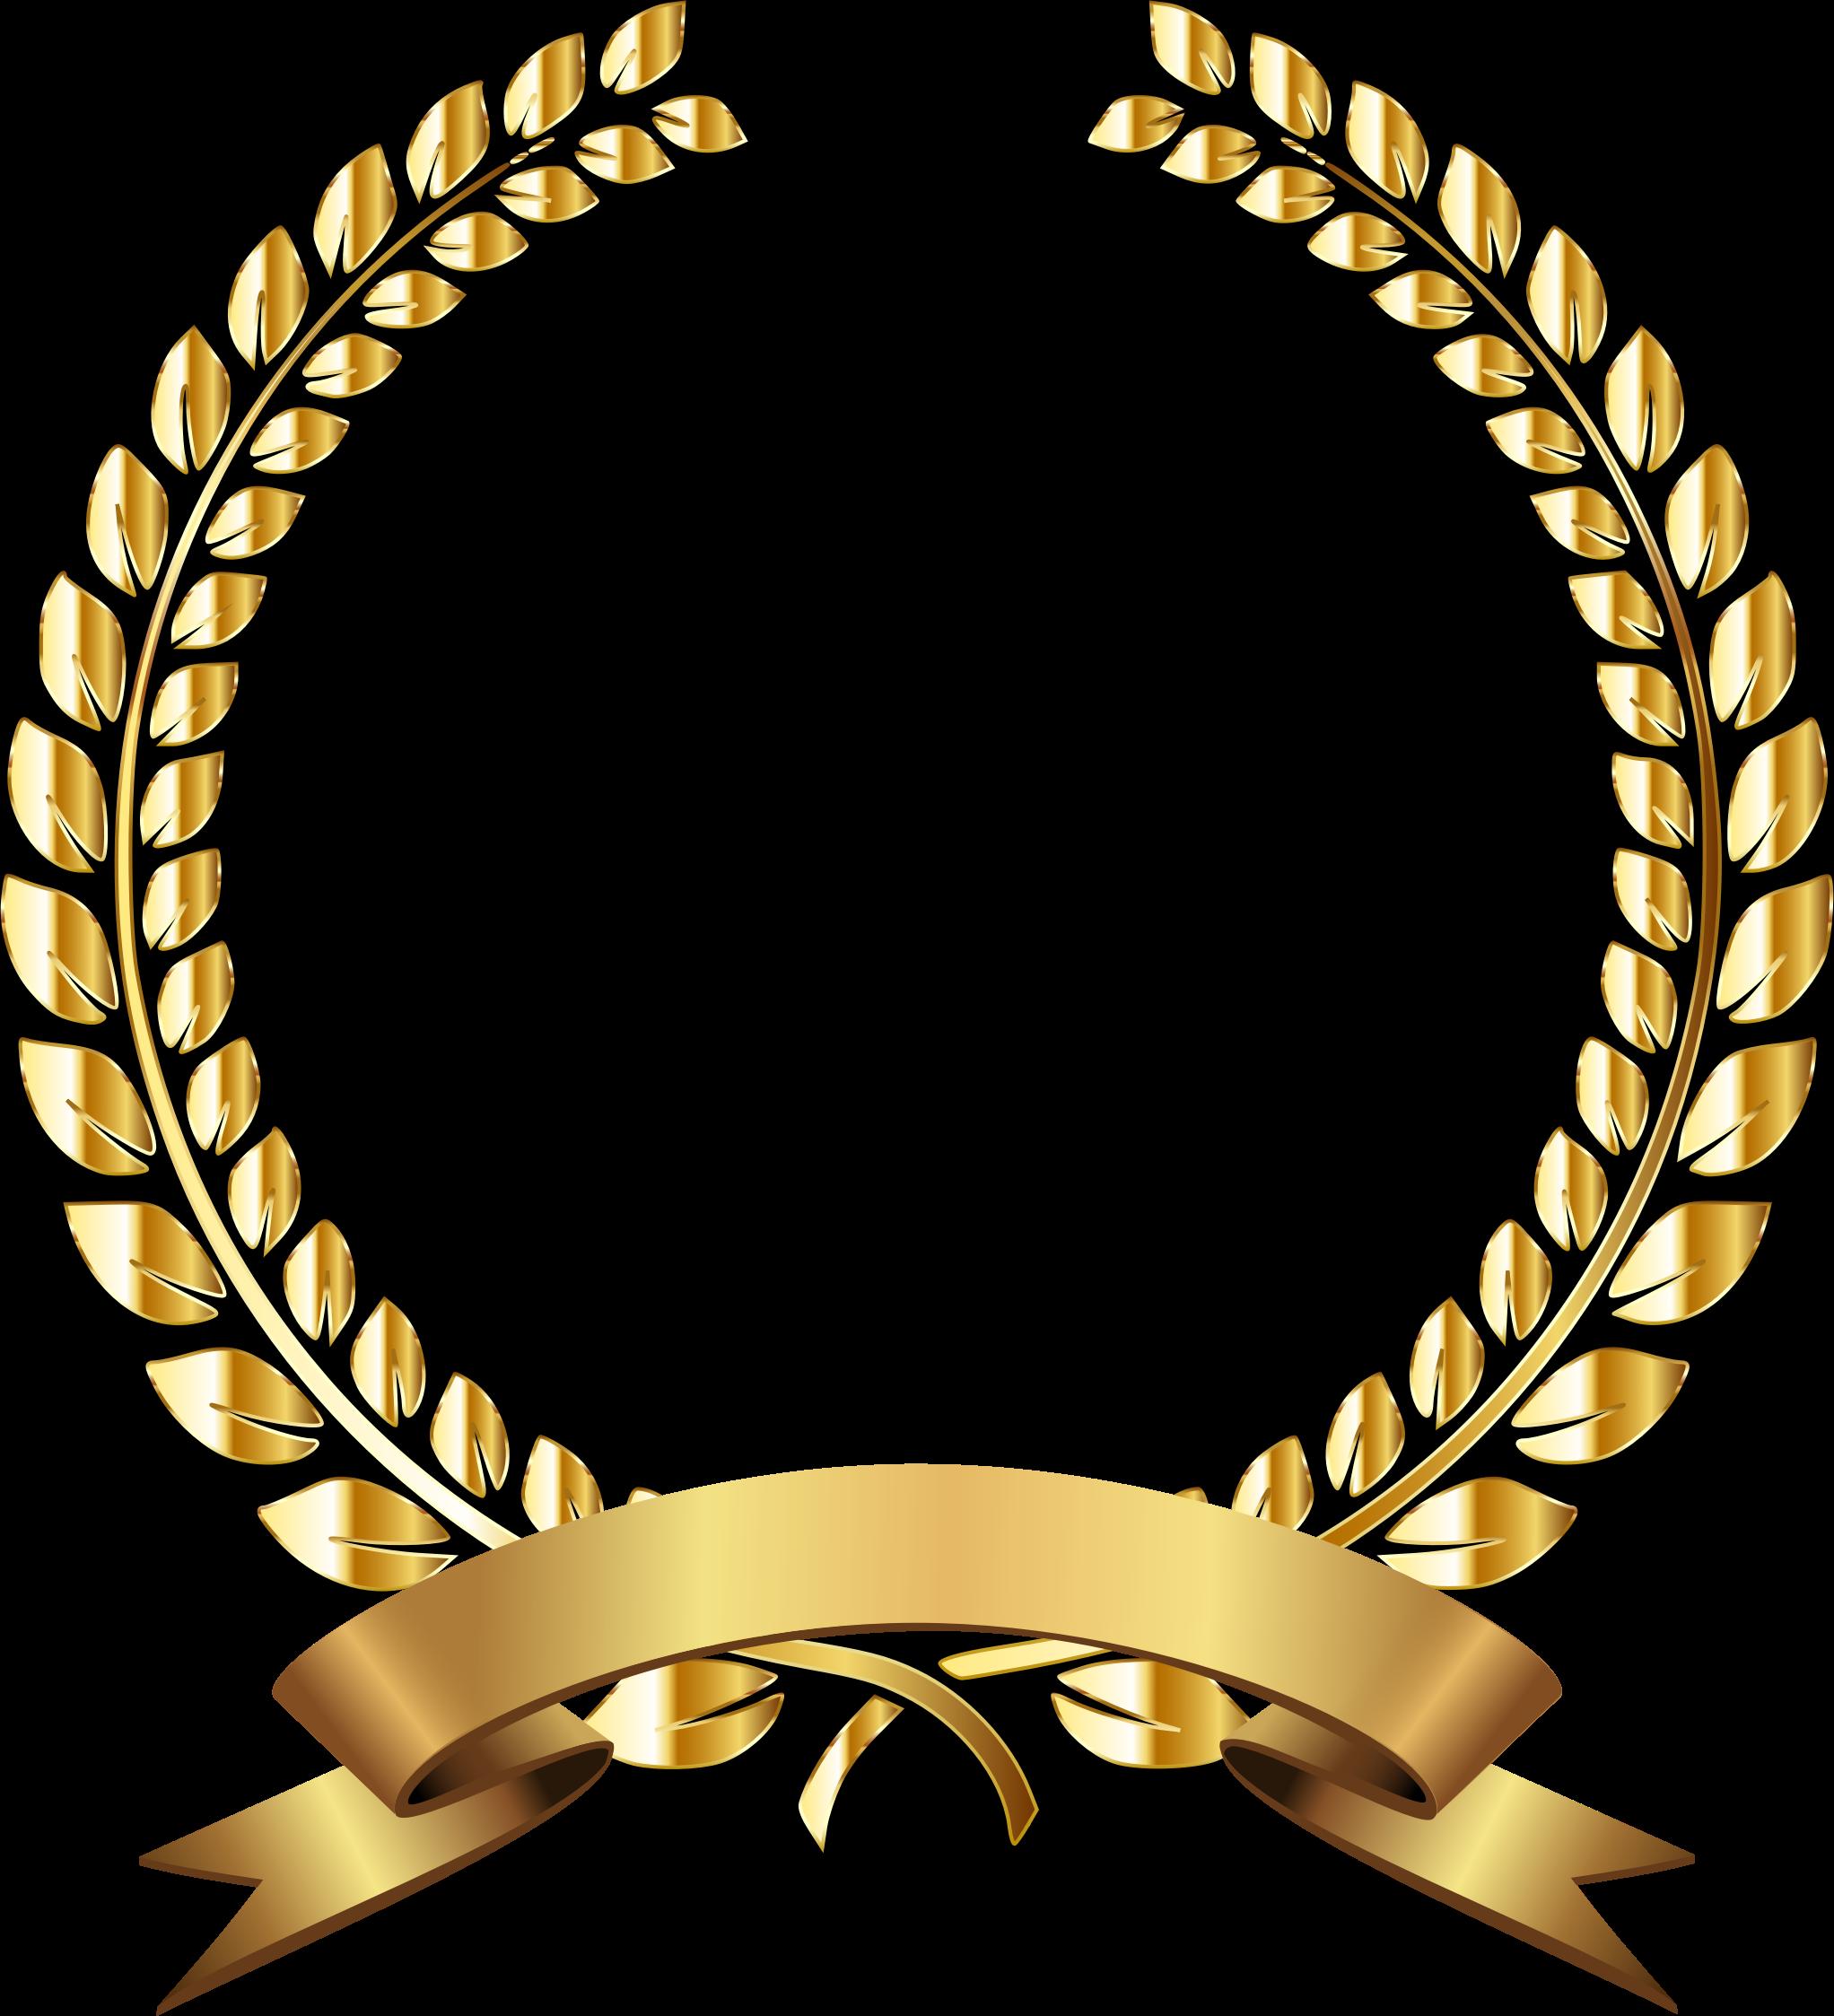 Golden wreath remixed no. Laurel clipart weath